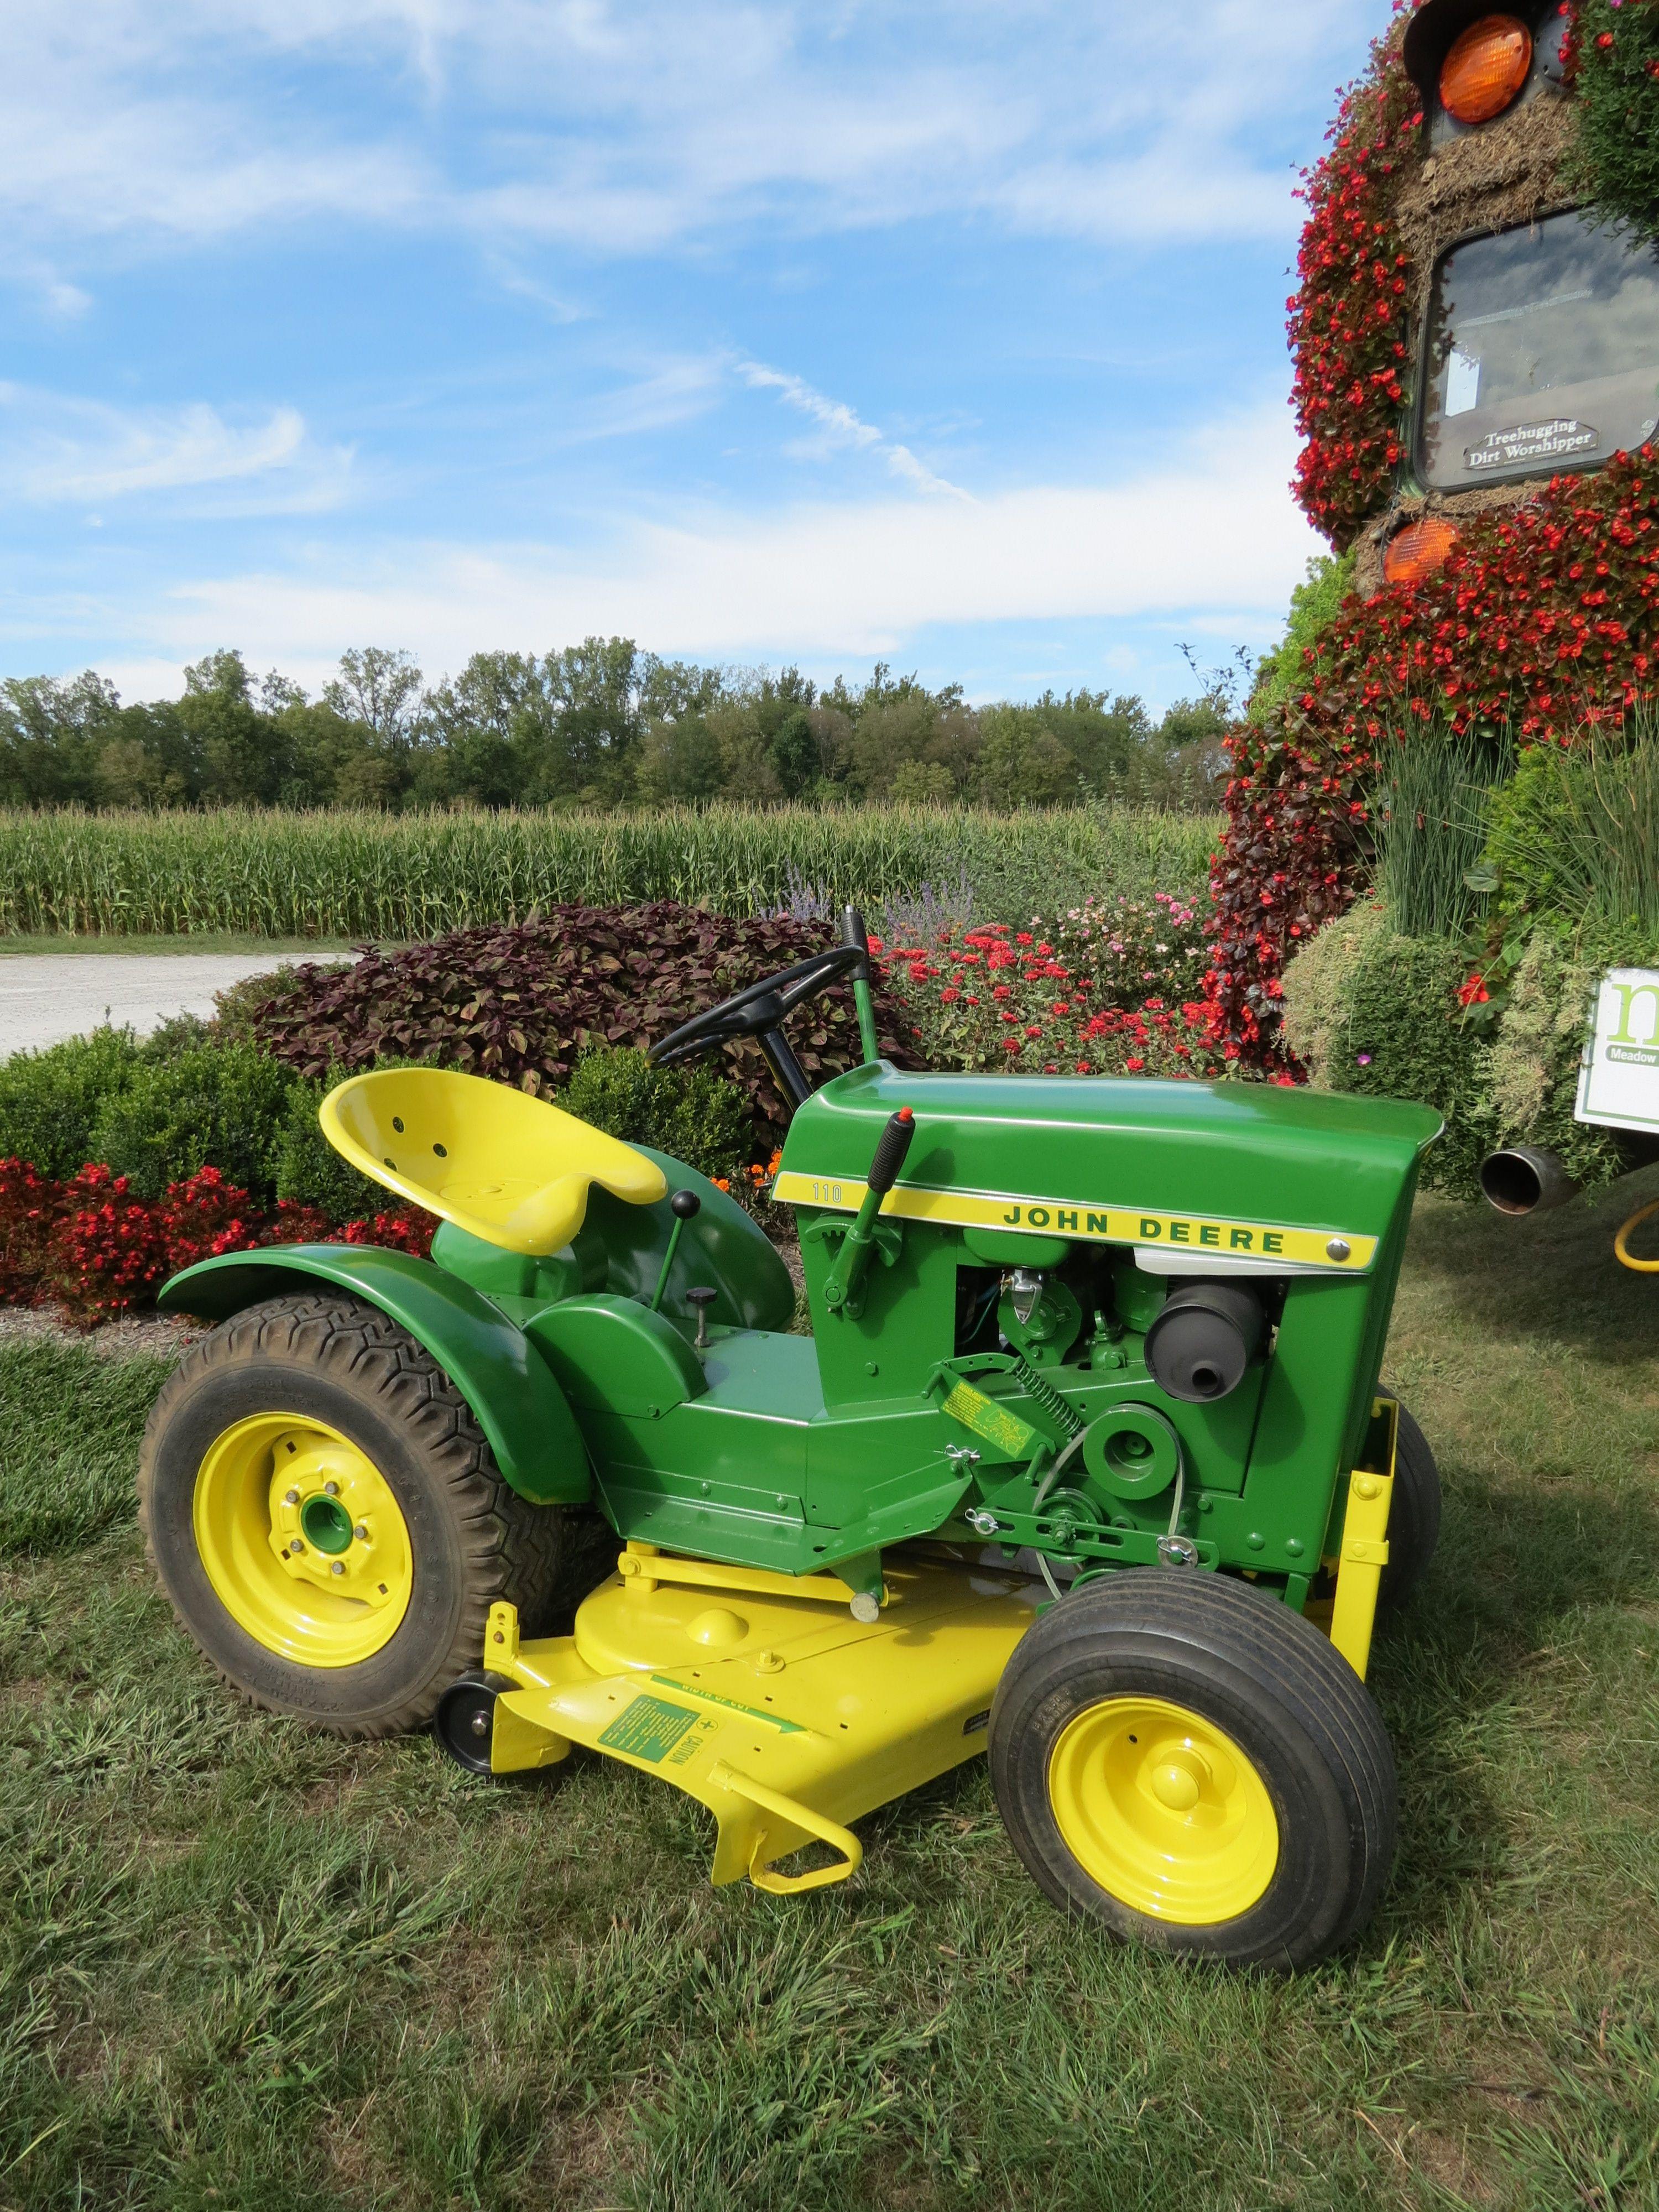 John Deere Lawn Tractor Equipment : John deere garden equipment ftempo